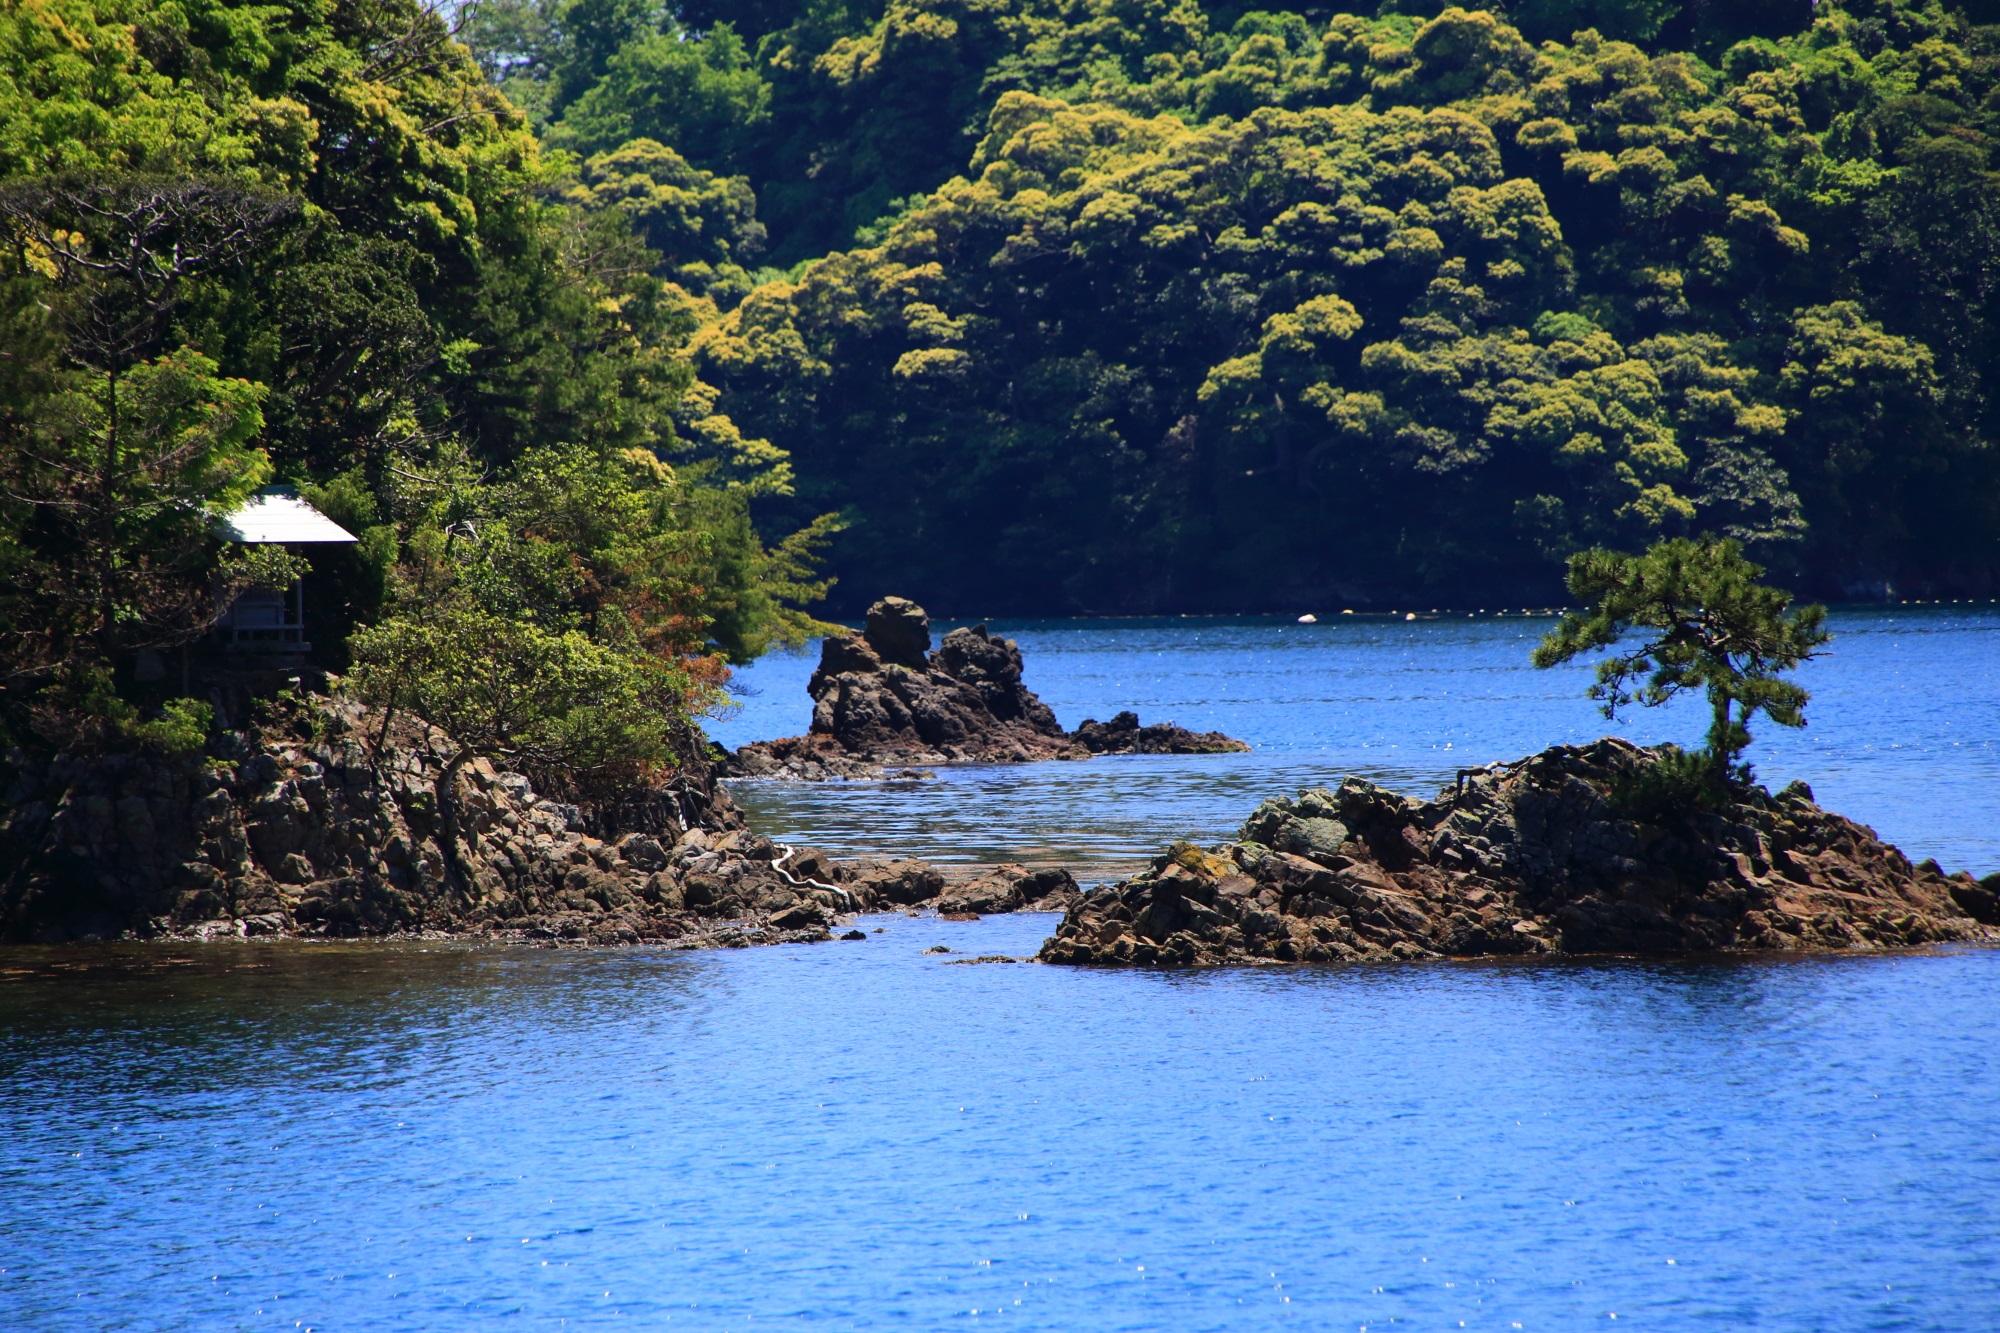 伊根湾の青島にある神社と岩場で育つ木